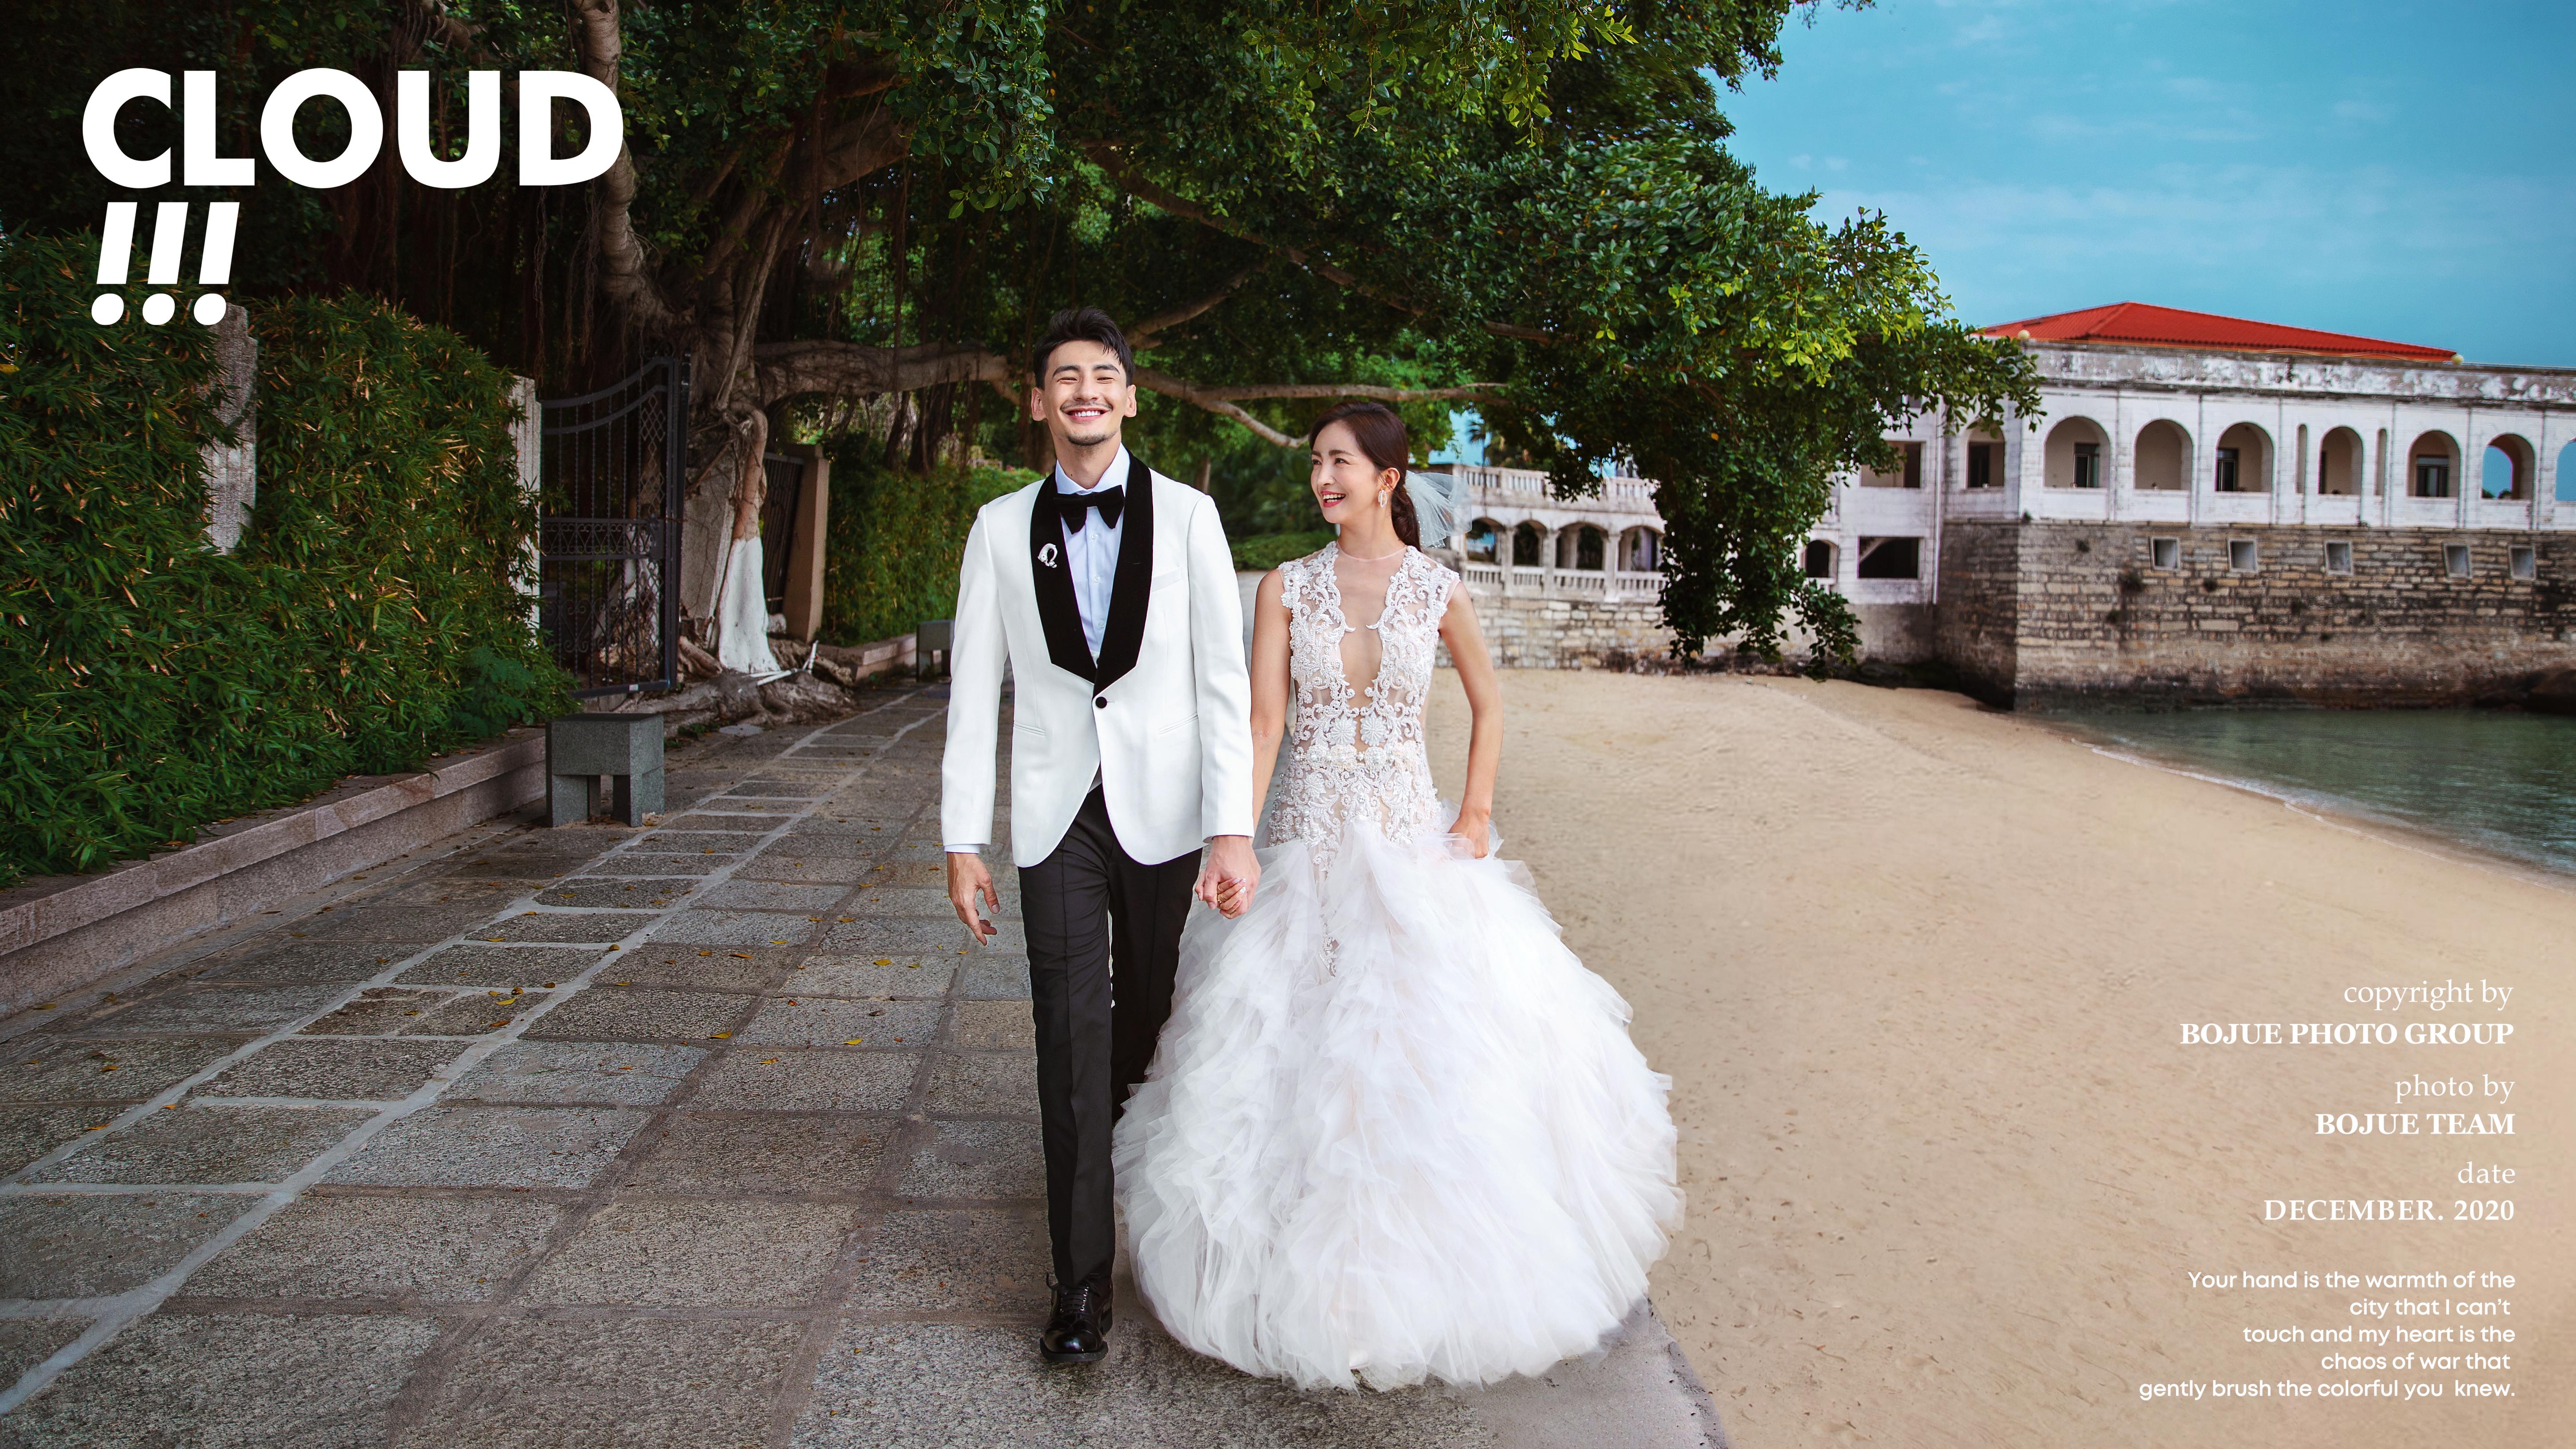 厦门铁路文化公园适合拍婚纱照吗,拍摄婚纱照的最佳时间